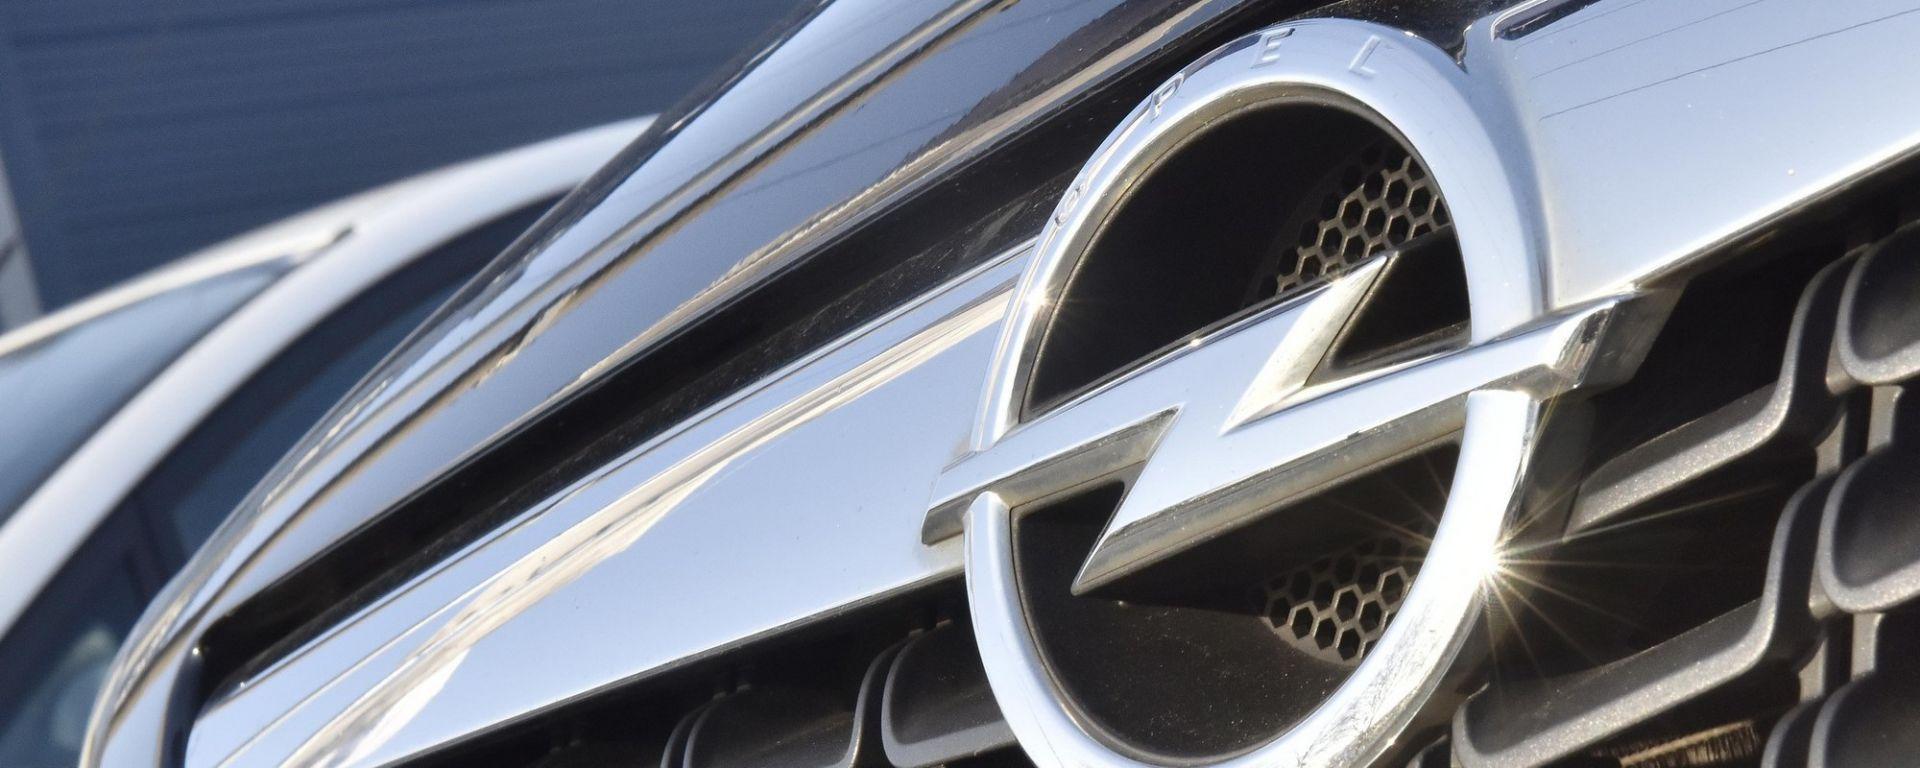 Matrimonio Opel-PSA, primi guai in vista